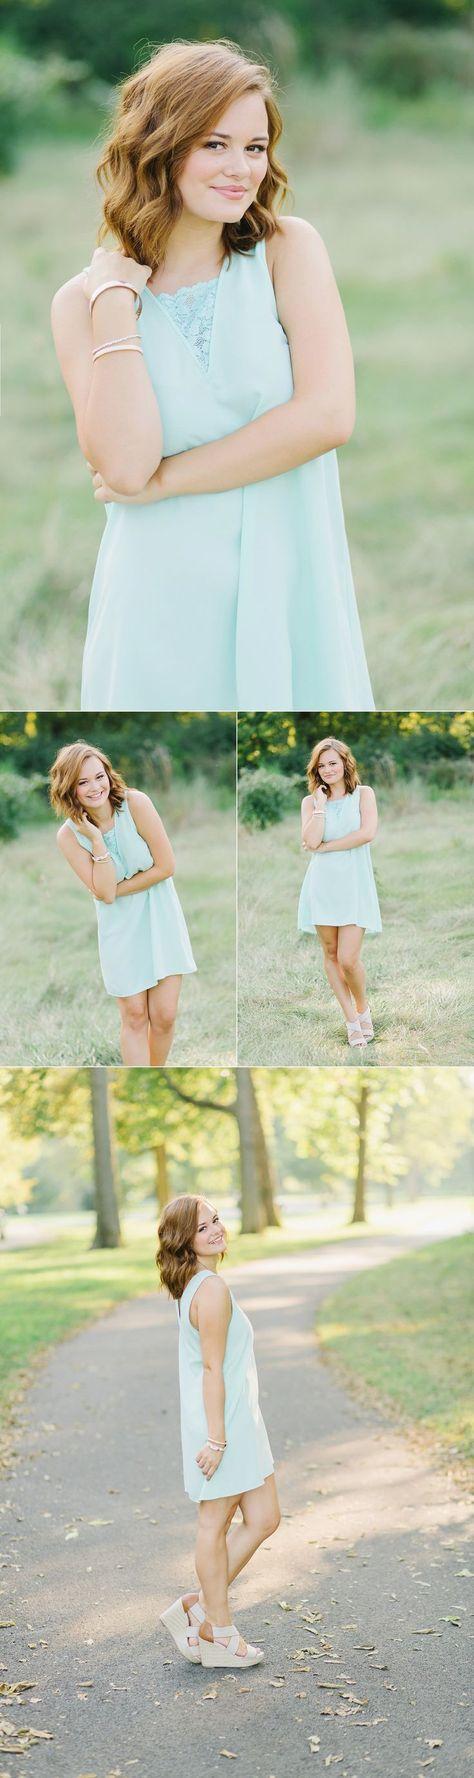 Carefree, fun senior portraits by Lux Senior Photography | Dayton, Ohio Senior Photographer